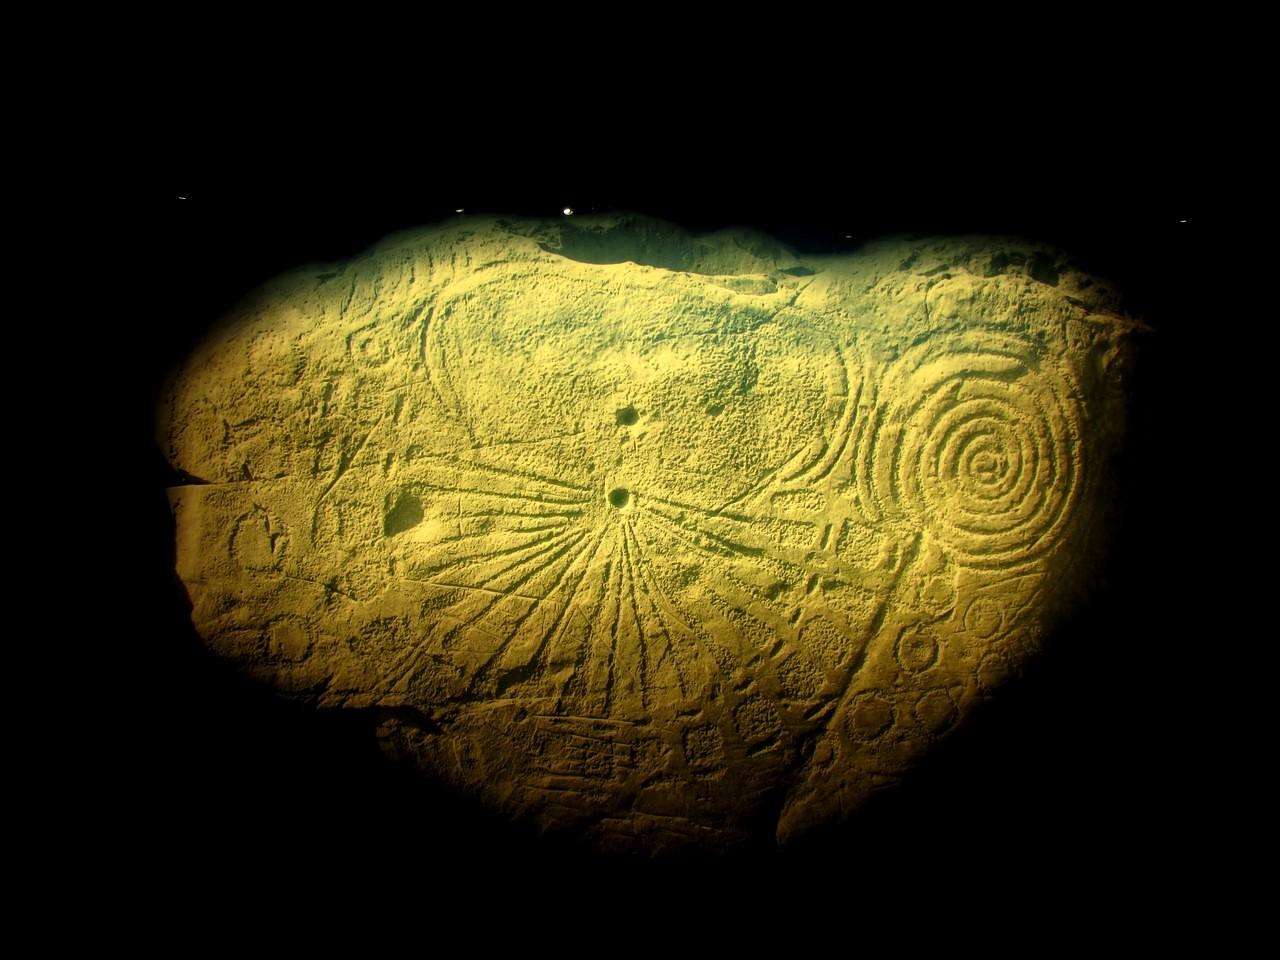 кельтские символы и узоры